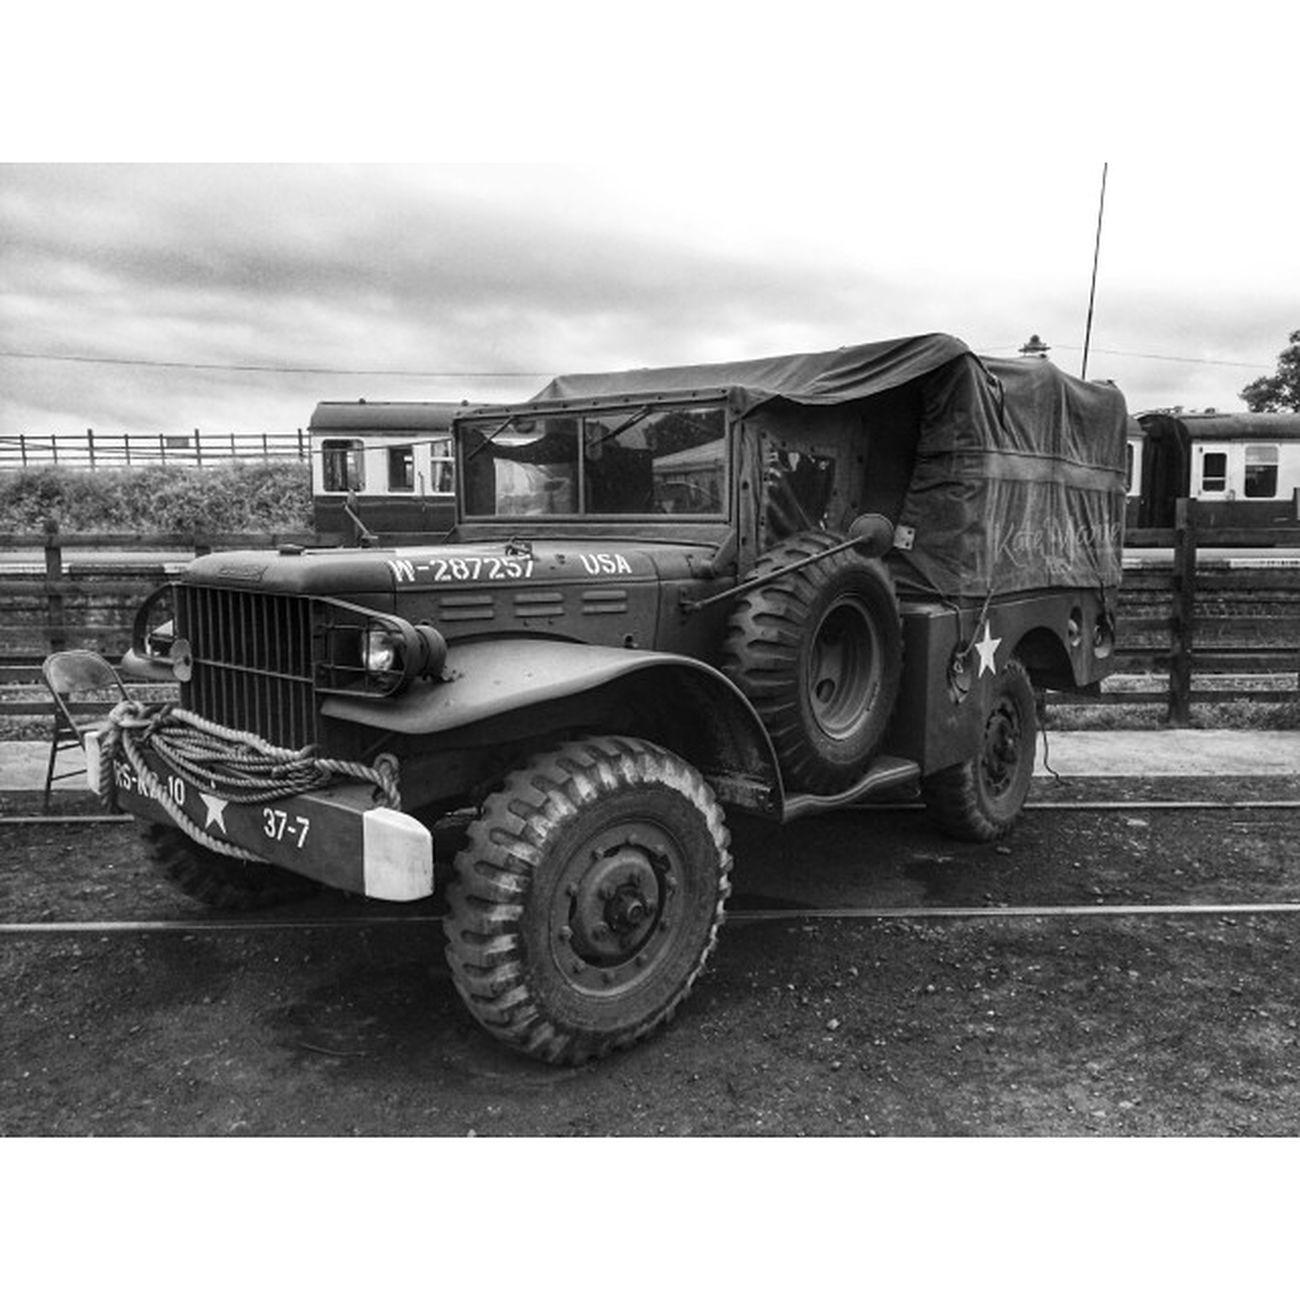 GCR Gcr1940 Army War American Military History 1940 Ww1 Ww2 K8marieuk Katemariephotographyuk Squaready